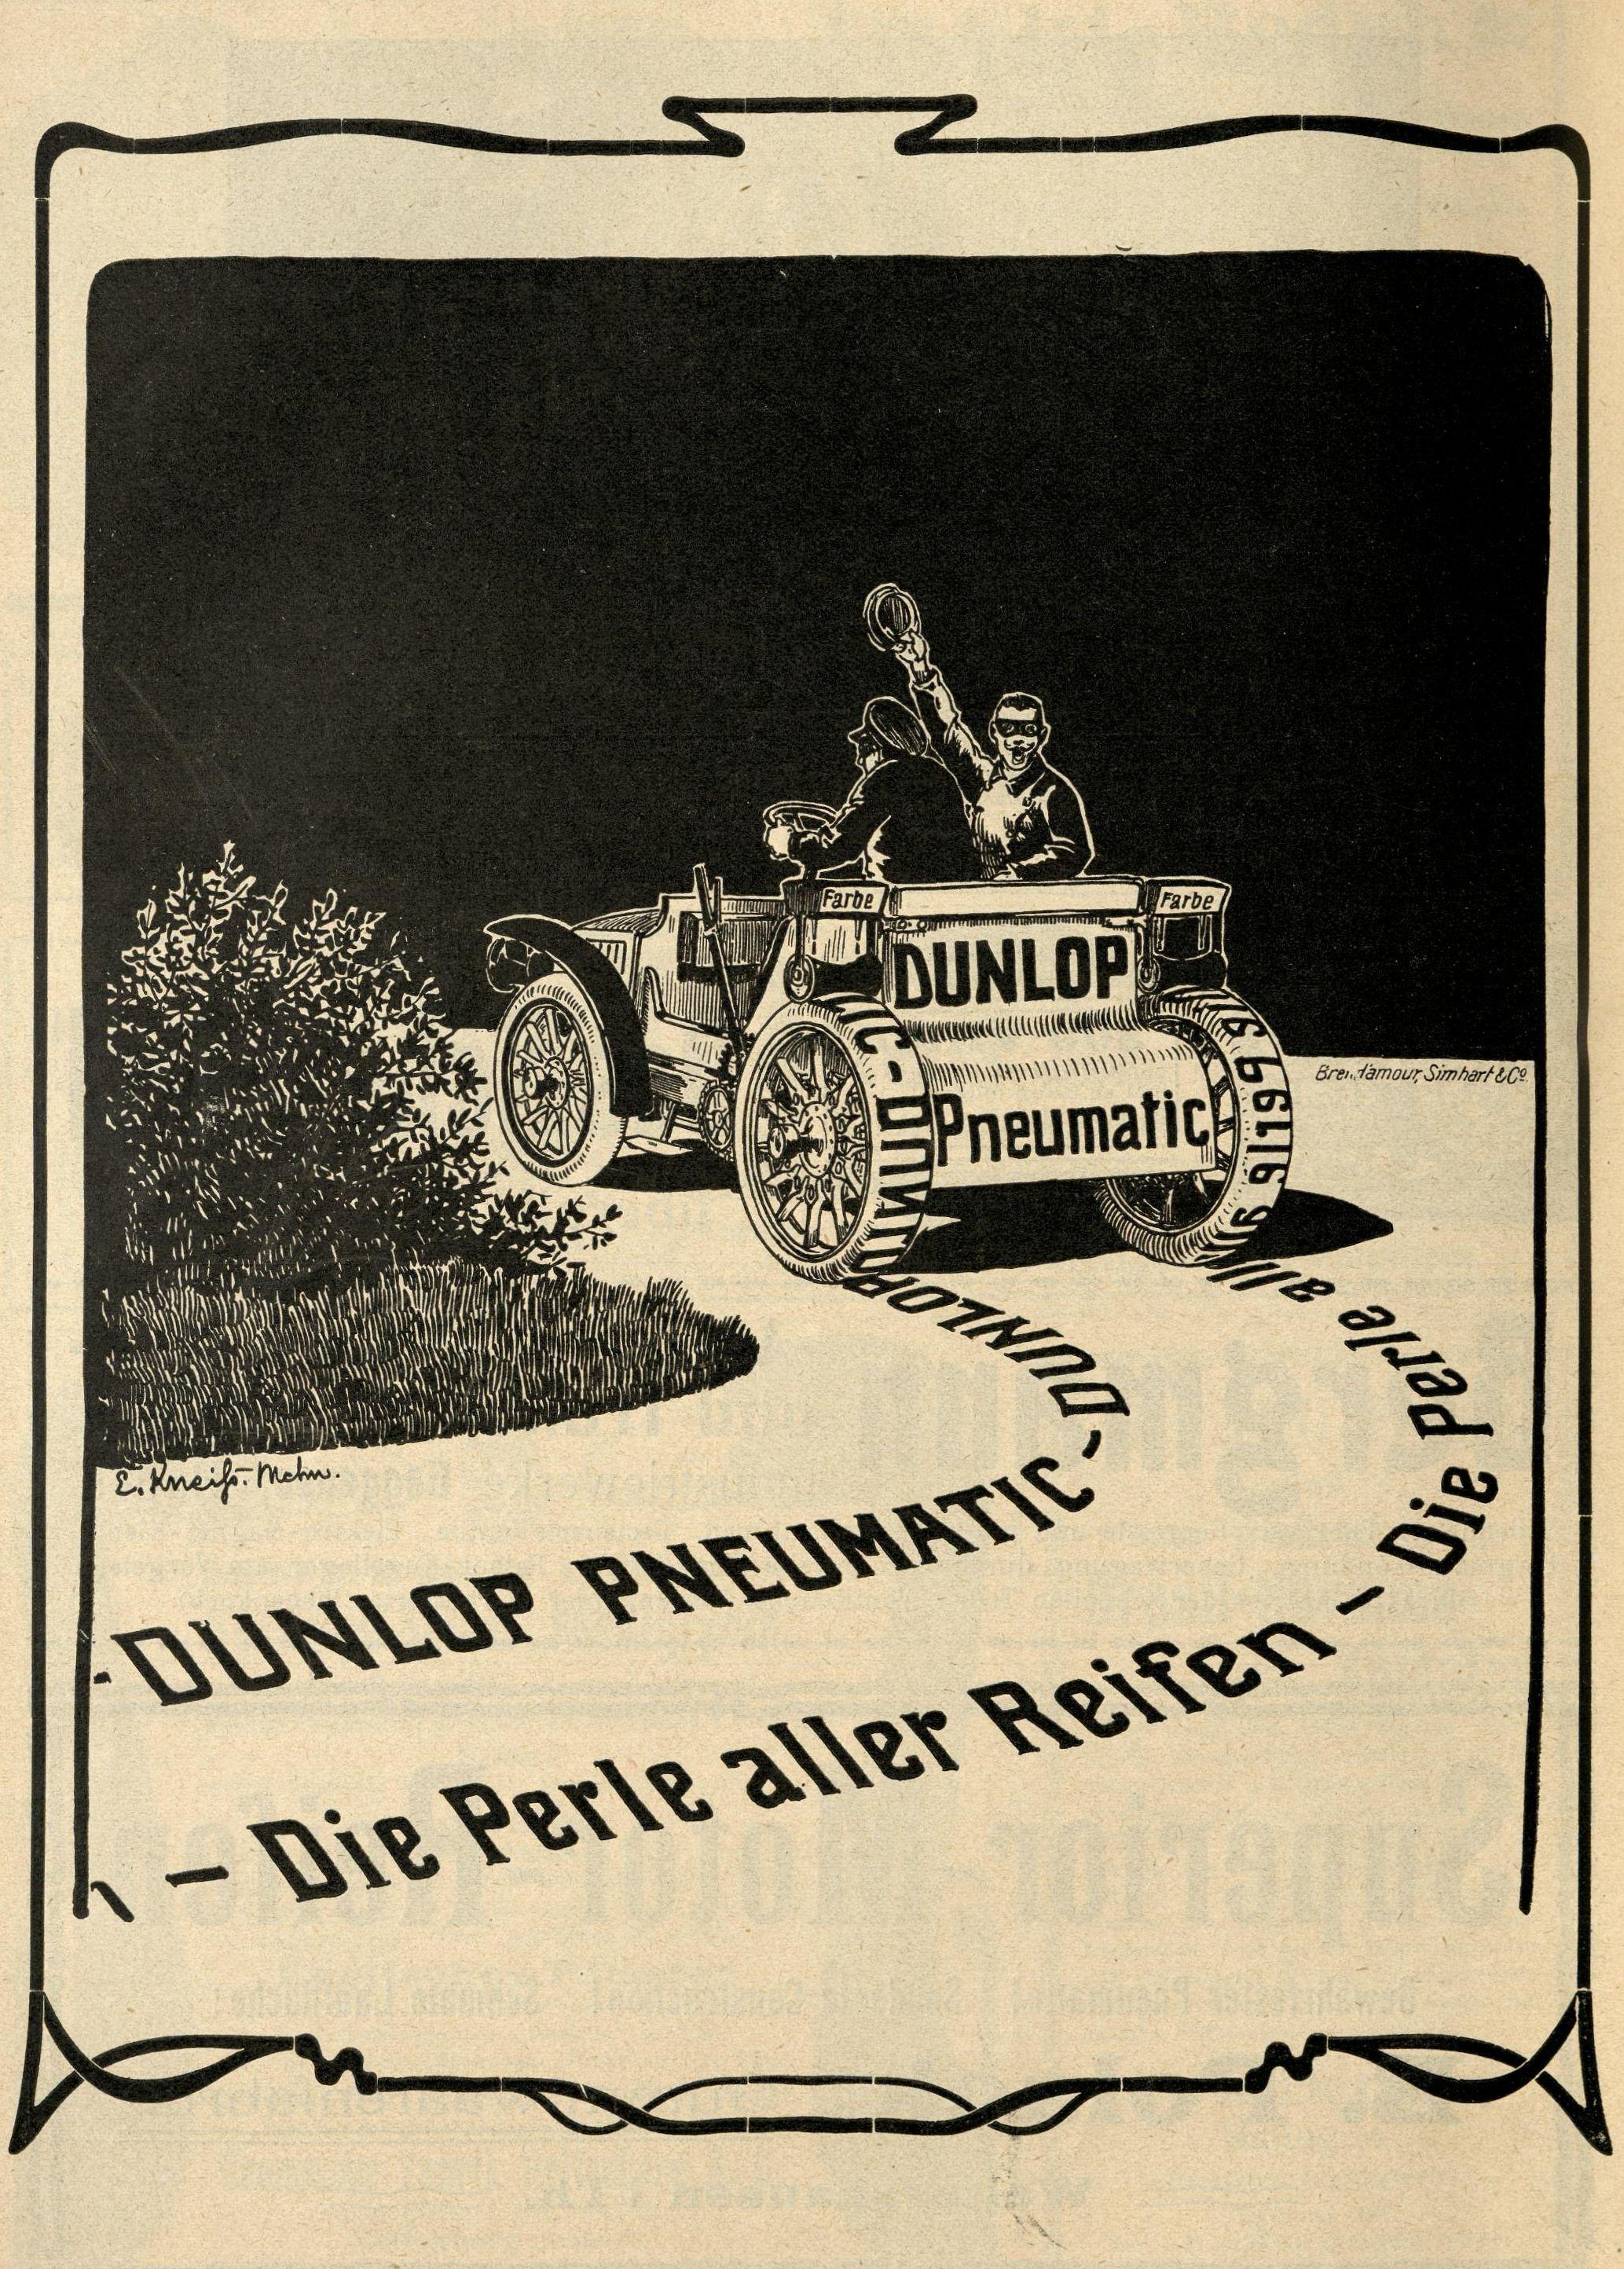 Bild: Dunlop Pneumatic - Die Perle aller Reifen